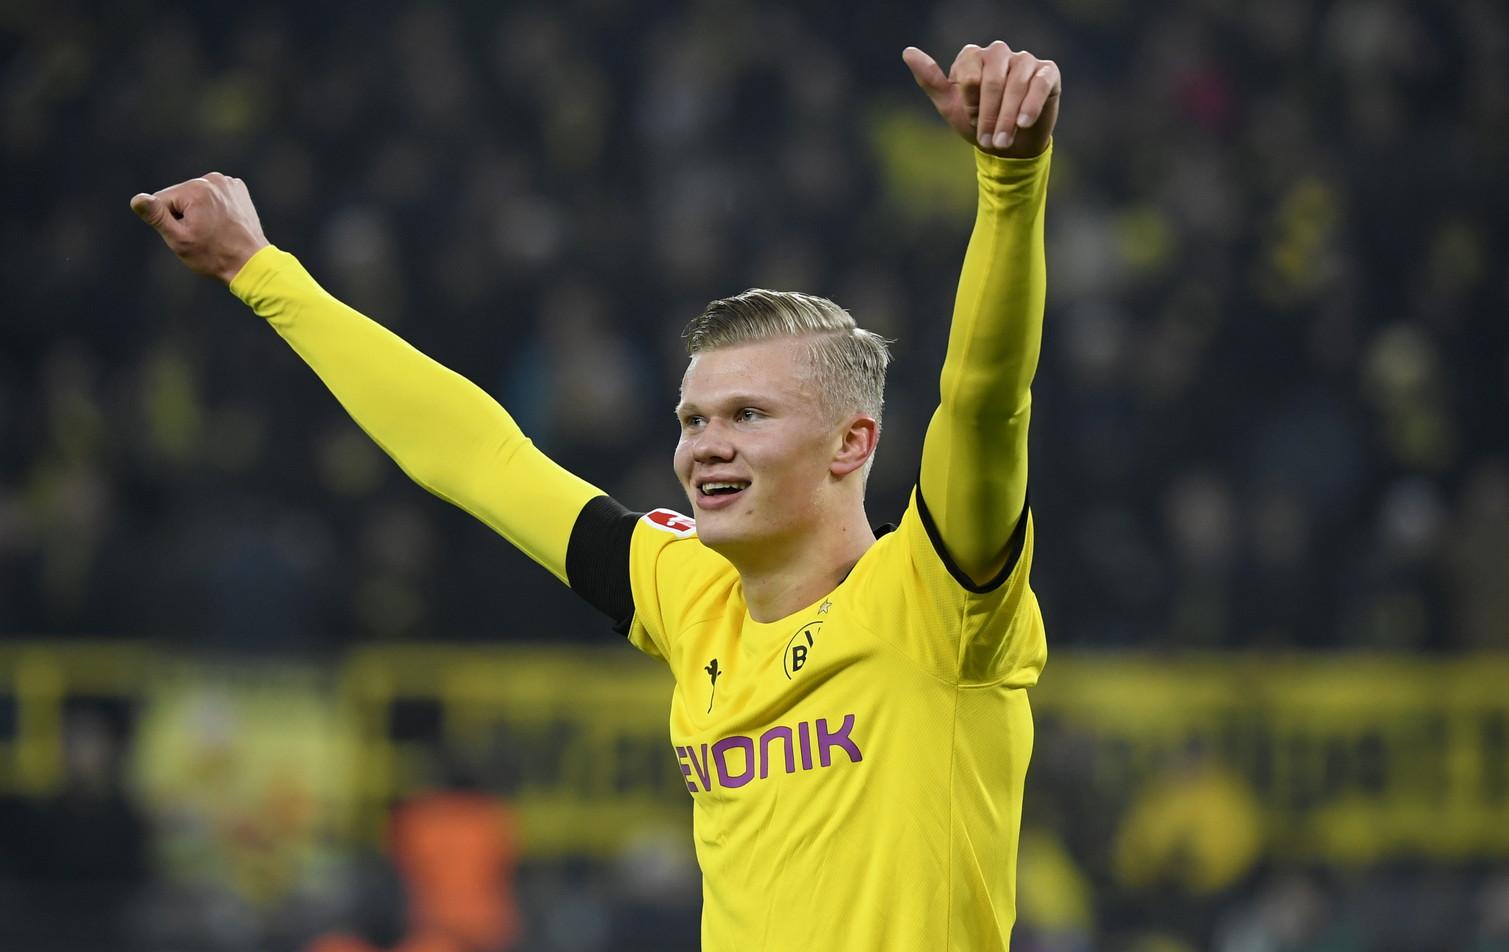 Haaland, niente Juventus: l'attaccante norvegese era un obiettivo, ma si è mosso il Dortmund prima di tutti